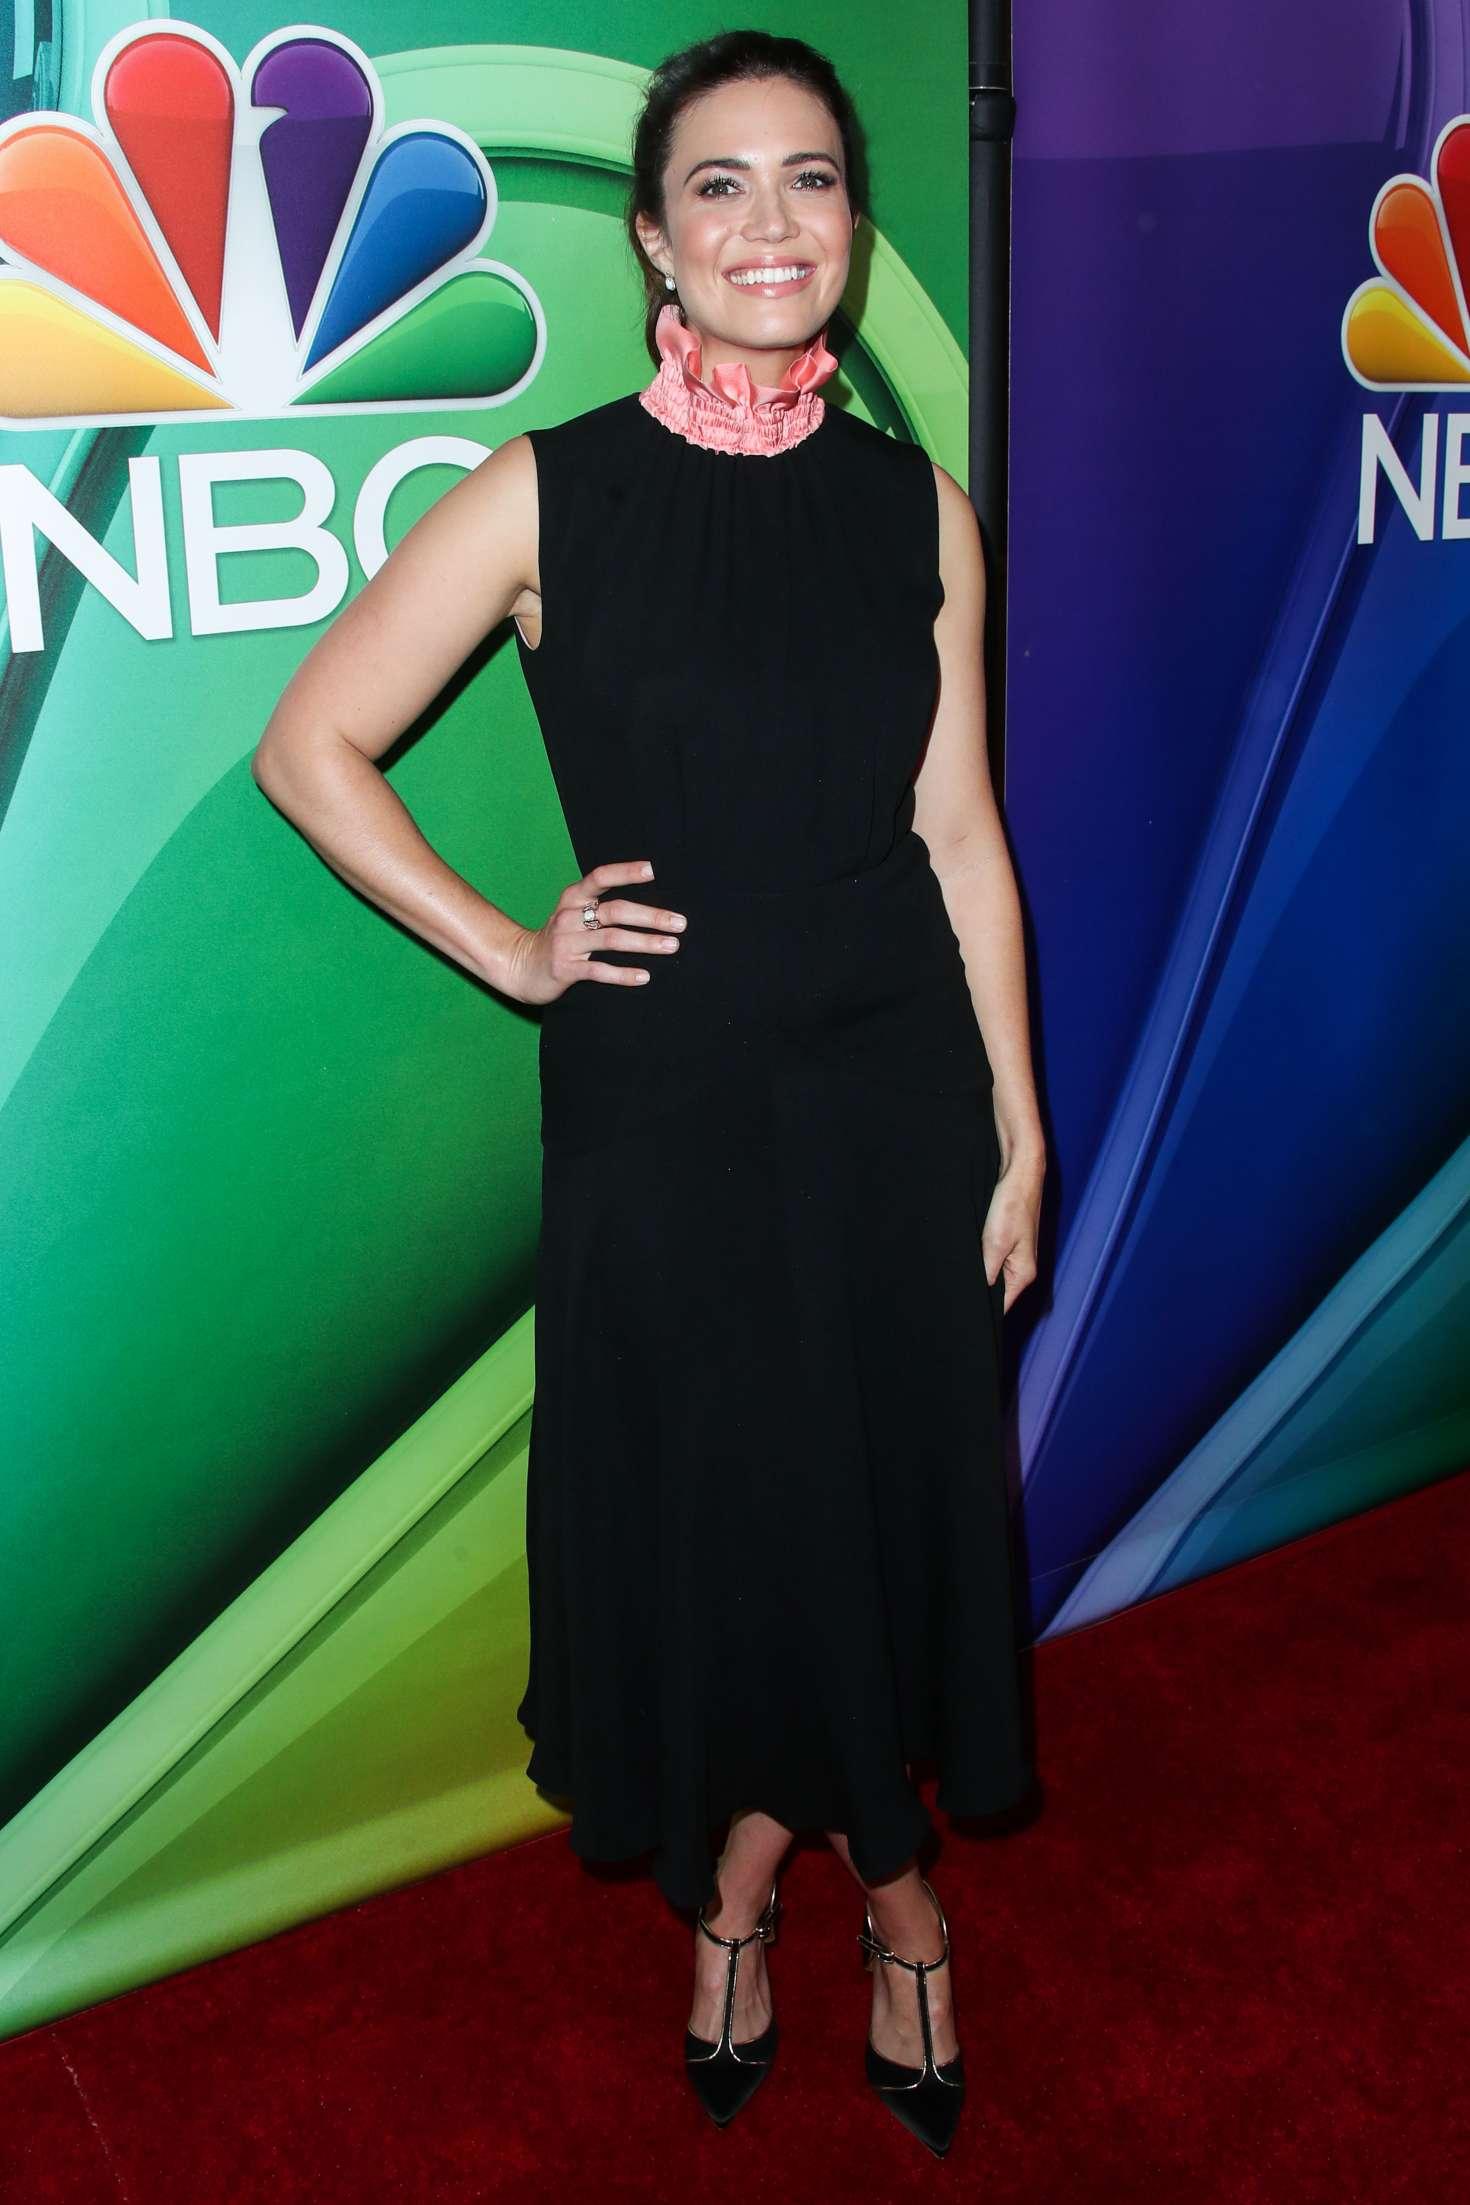 Mandy Moore 2017 : Mandy Moore: NBC Summer TCA Press Tour -03